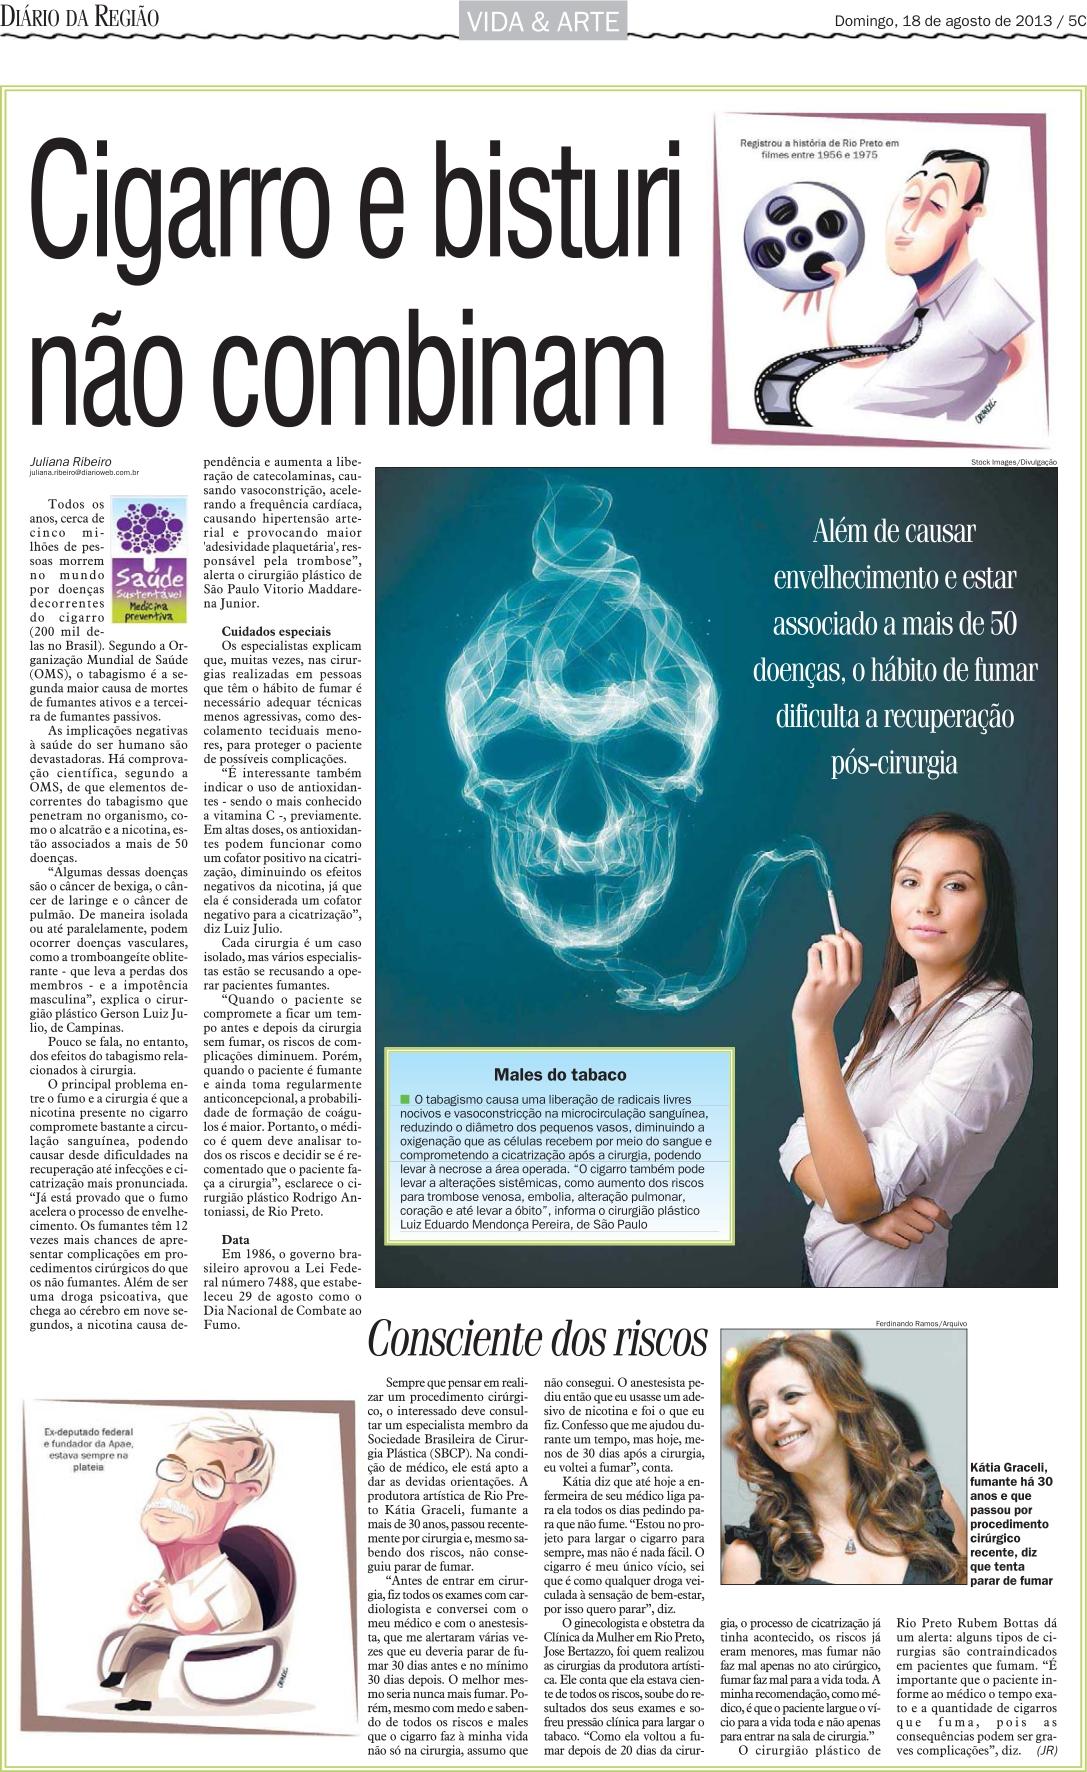 Diário da Região - Agosto 2013